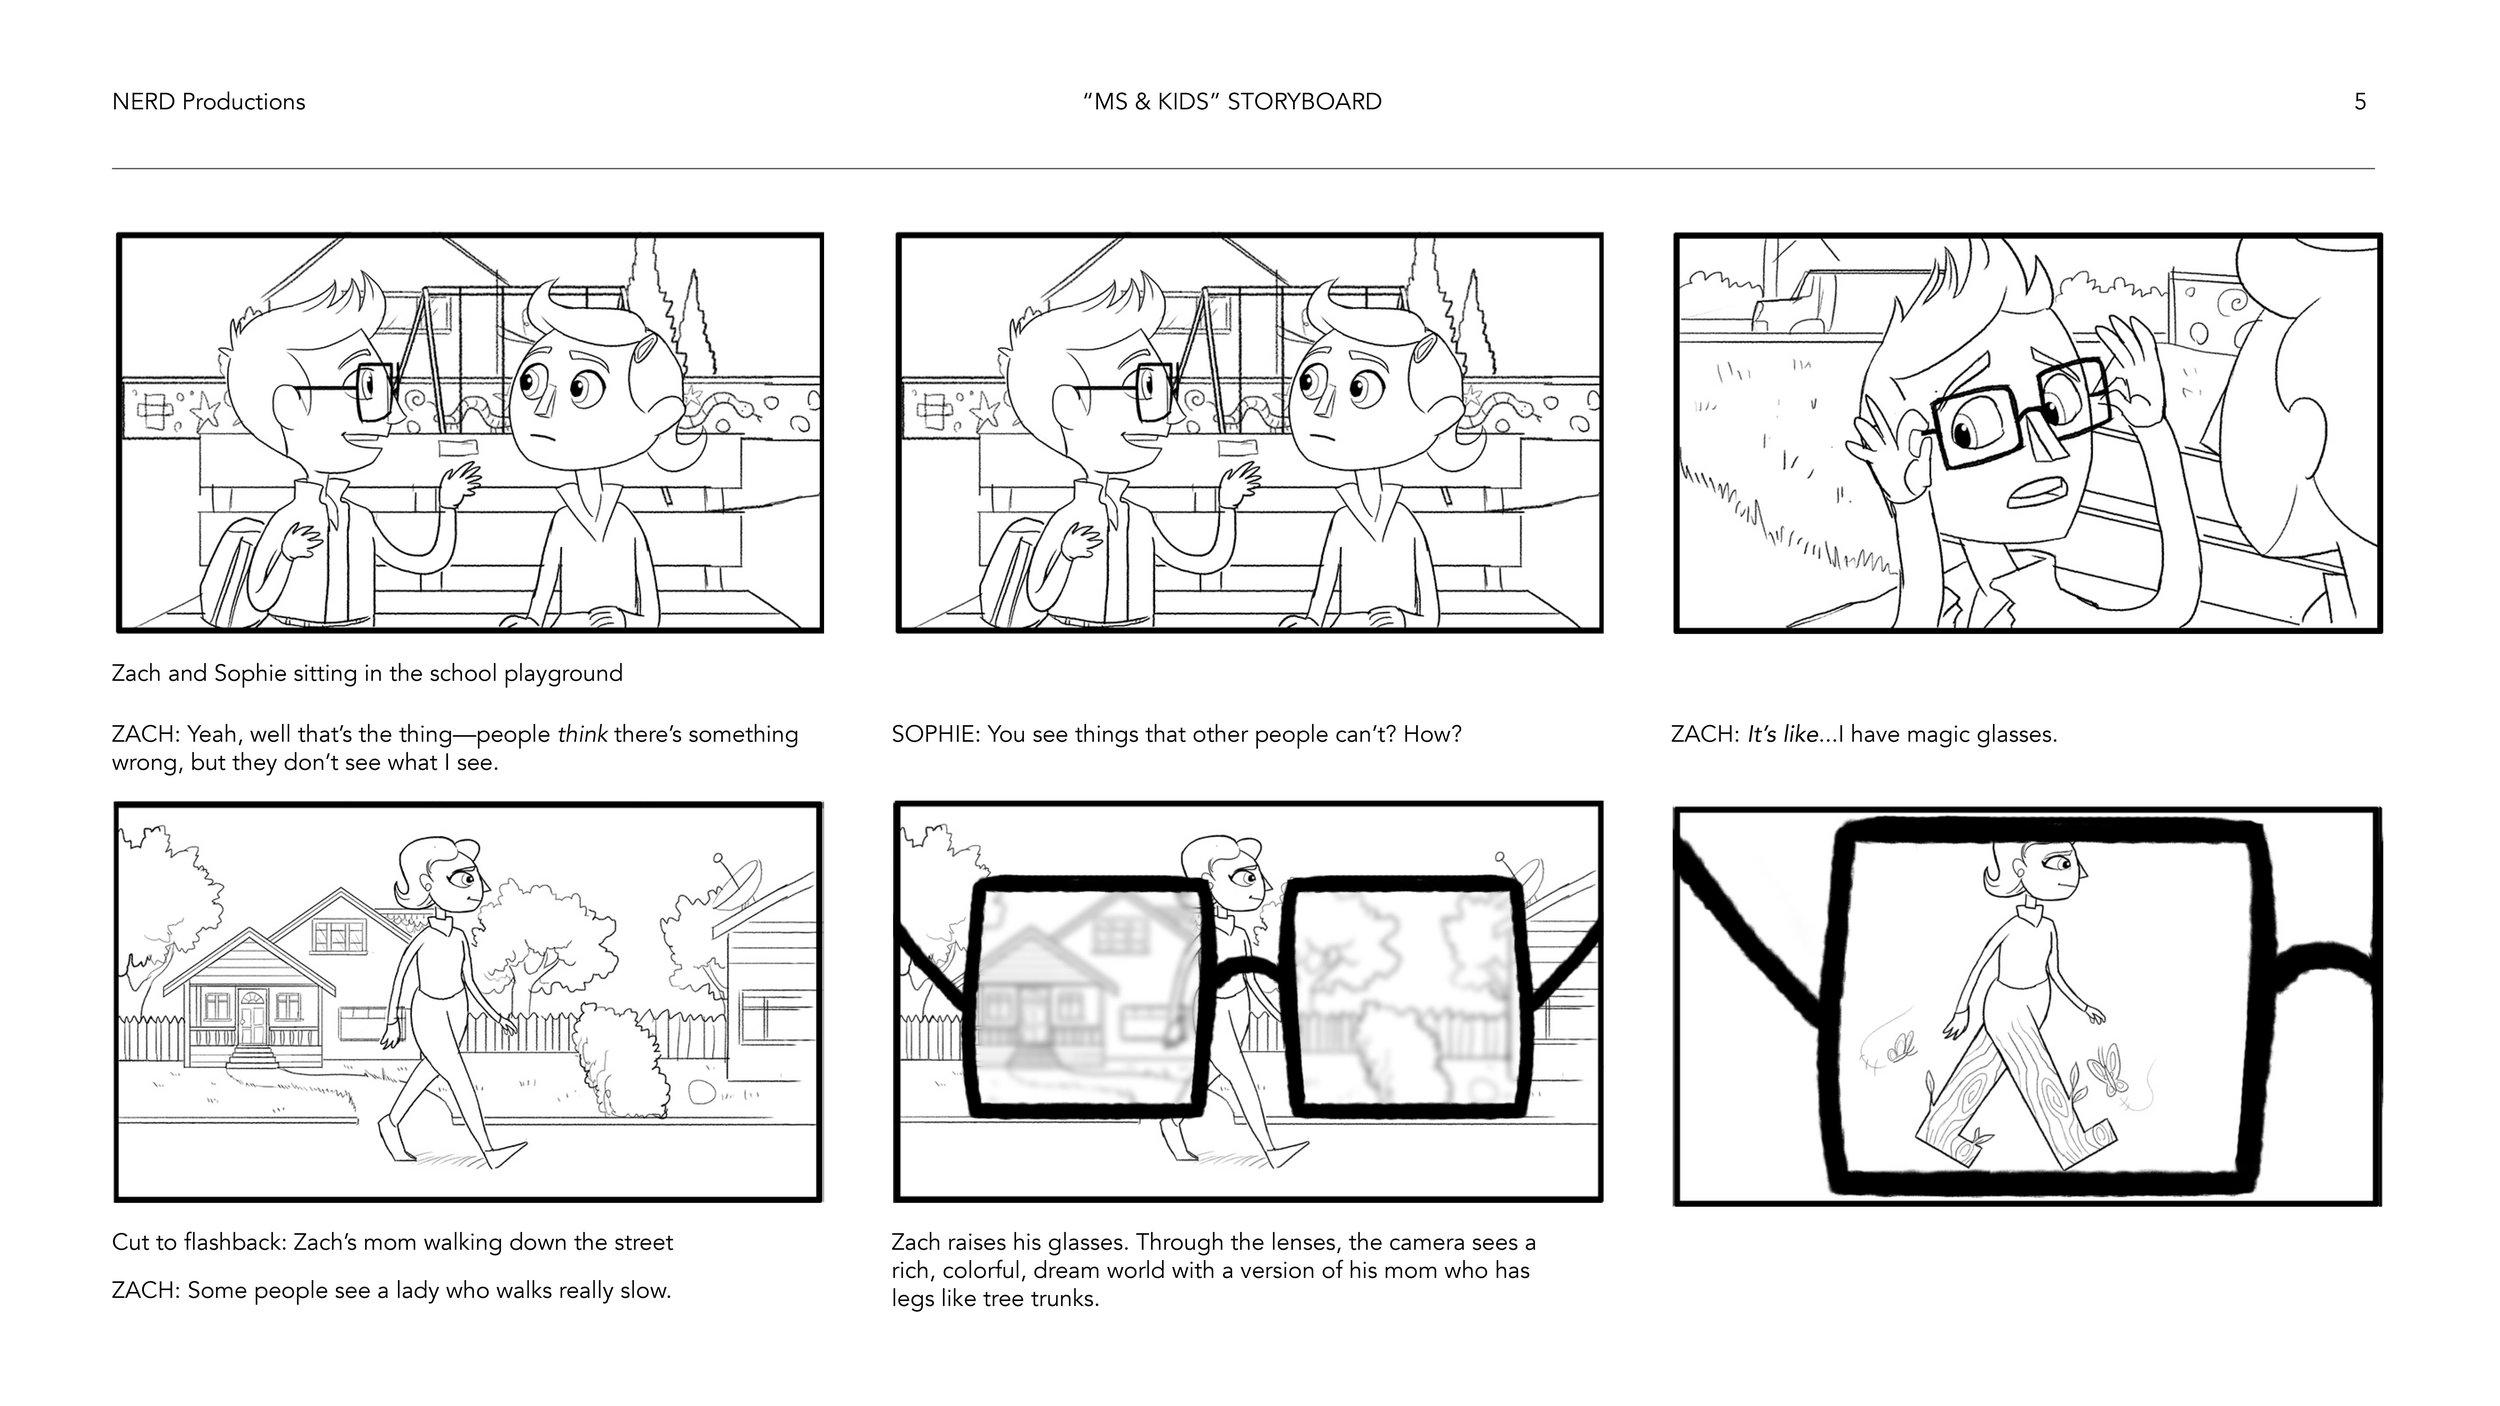 MS_KIDS_Storyboard-5.jpg